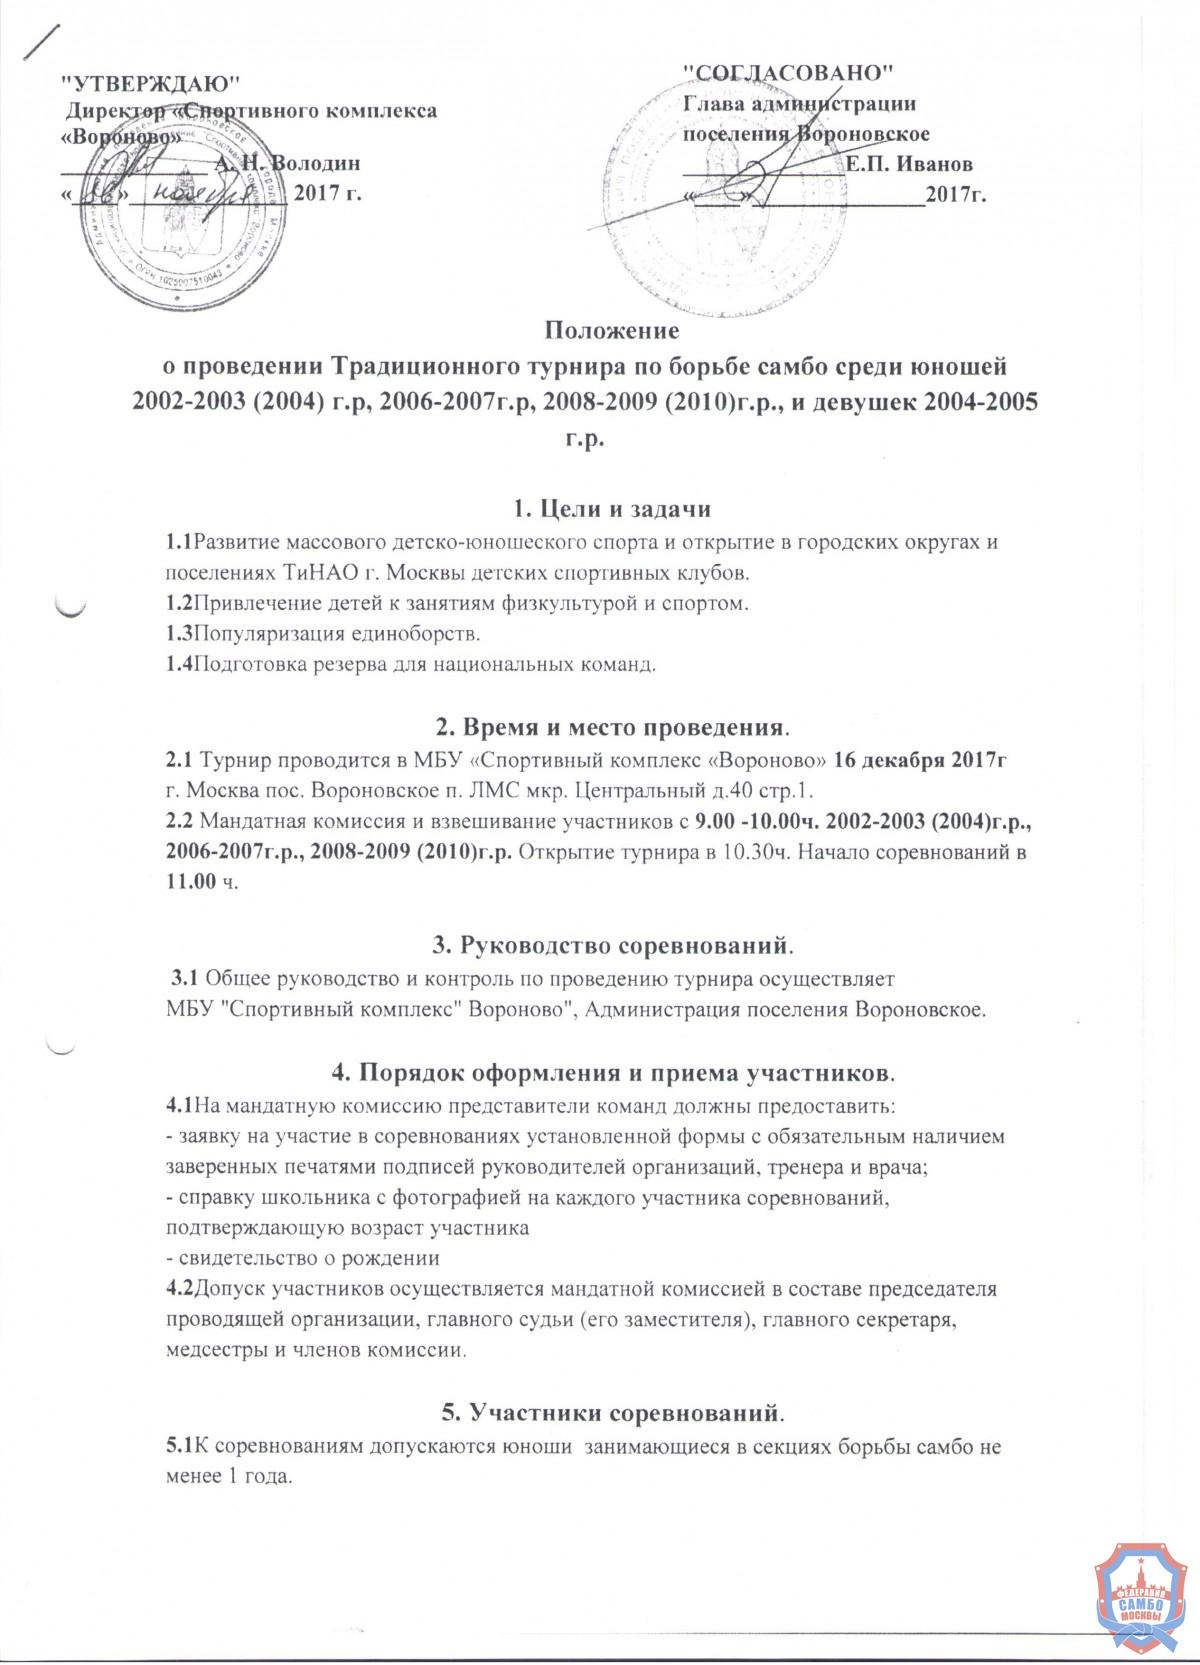 Опубликовано Положение Традиционного турнира посамбо среди юношей 2002-2003 (2004), 2006-2007, 2008-2009 (2010) г.р. идевушек 2004-2005 г.р.